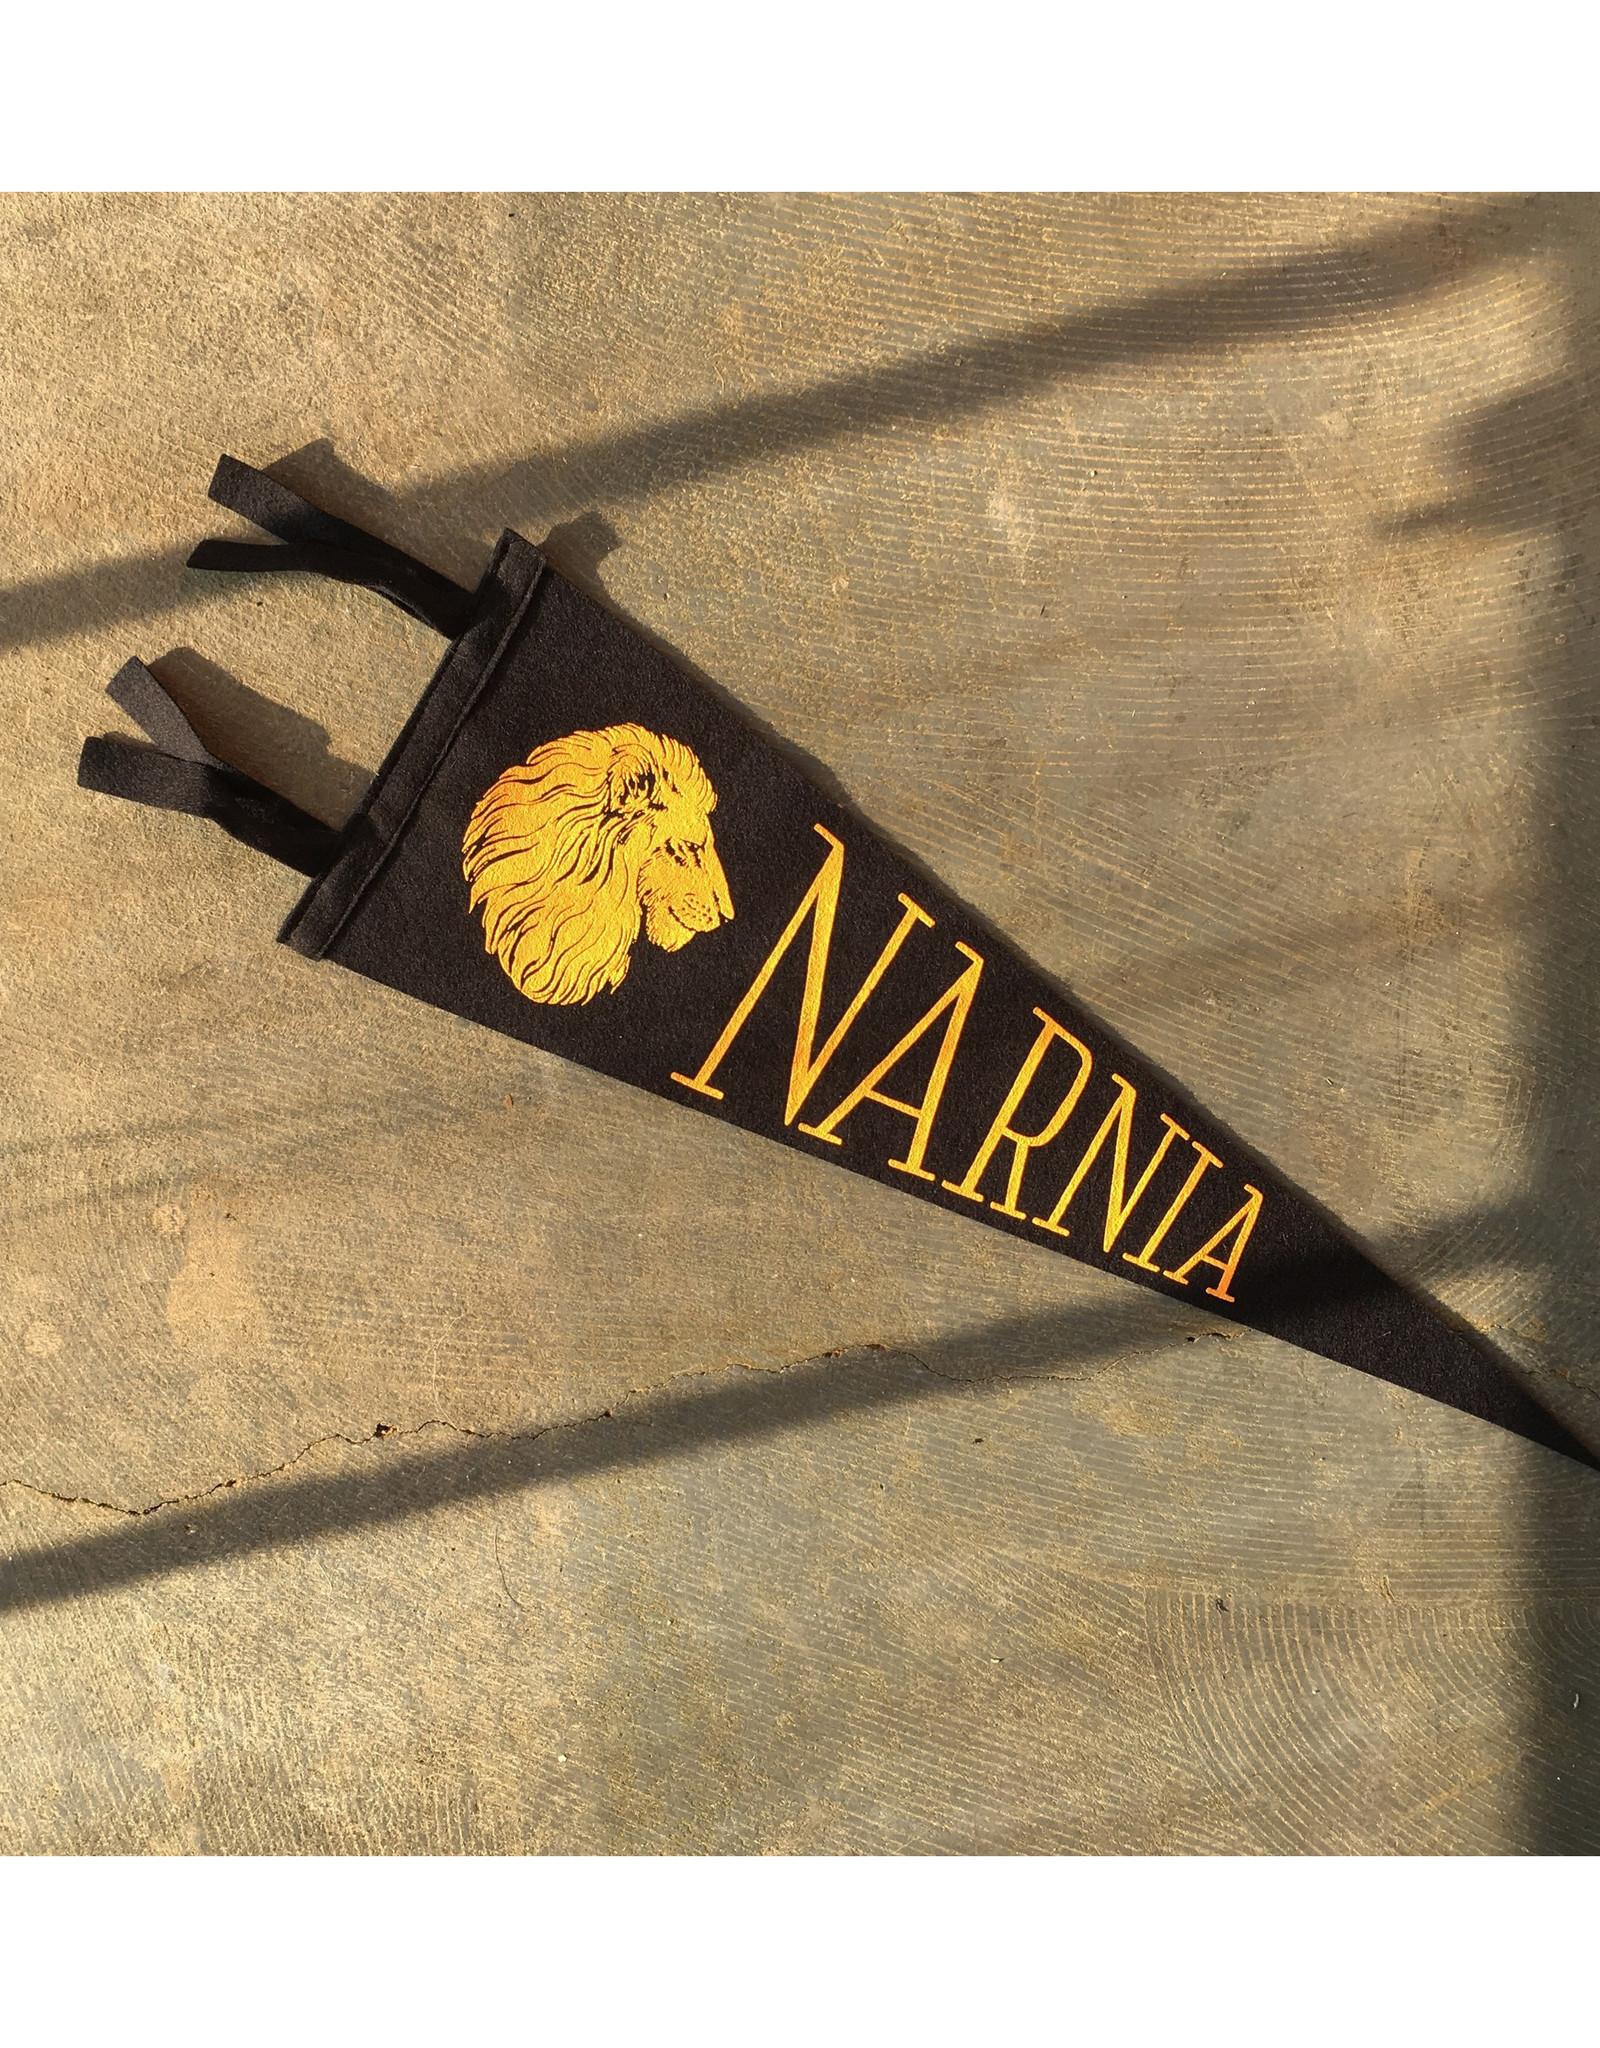 Narnia Pennant